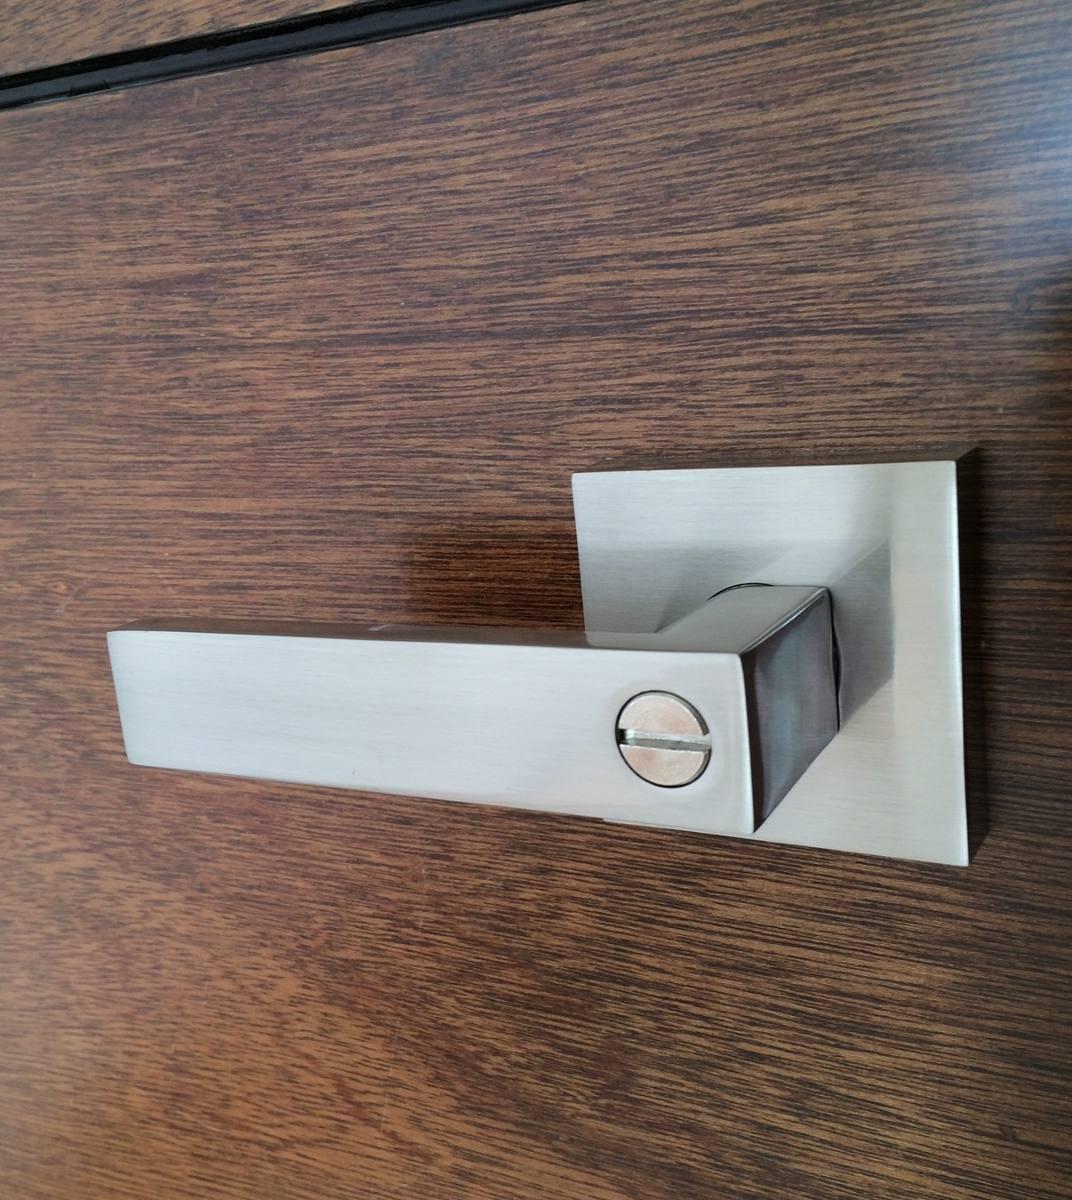 Manija o chapa para puerta de recamara y ba o resistente for Manijas para puertas de madera